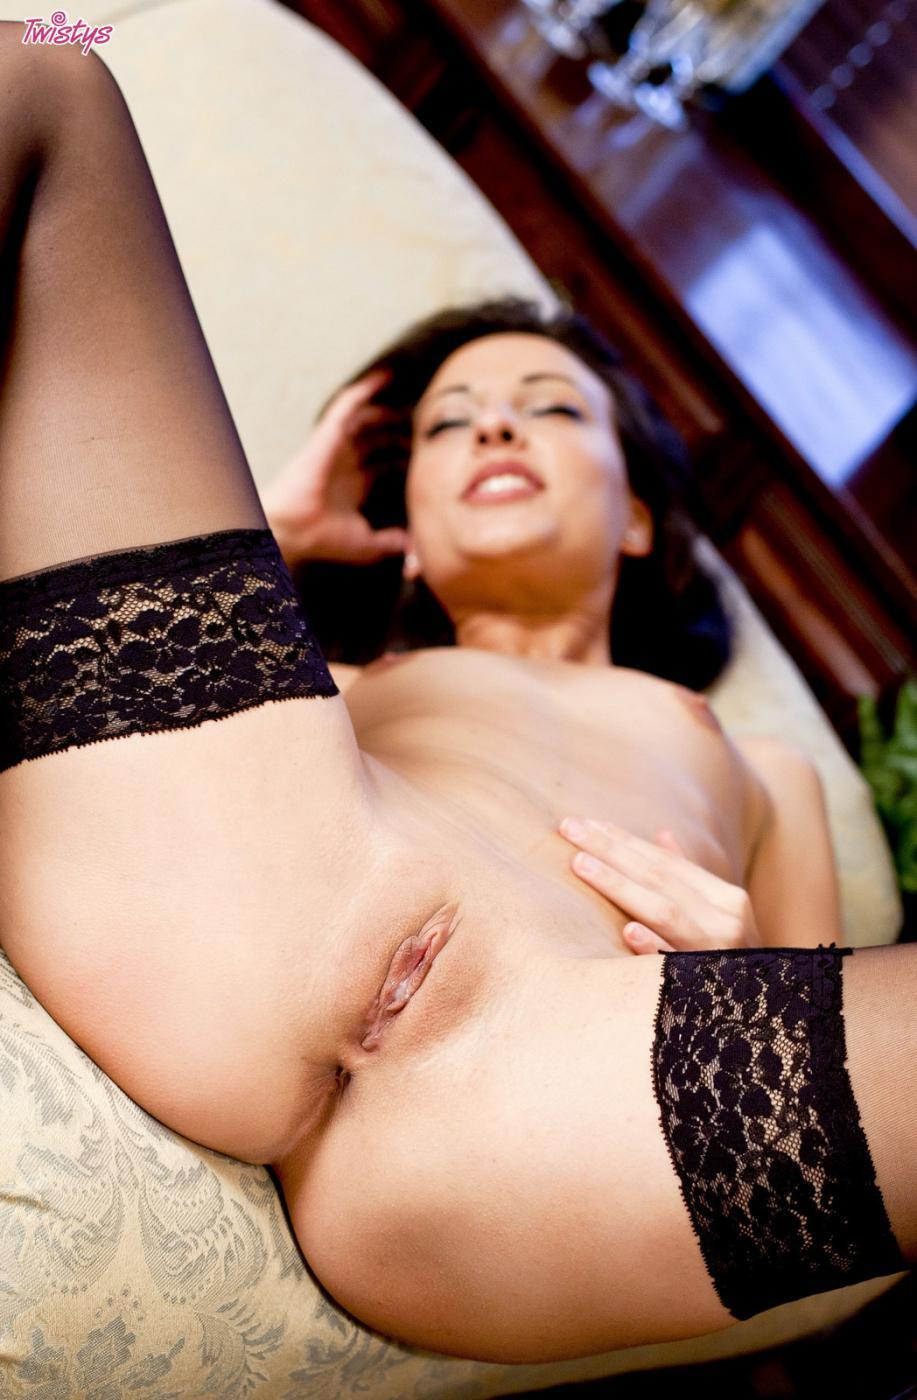 Русая порноактрисса в тёмных чулках Lorena B раздвигает идеальные ножки